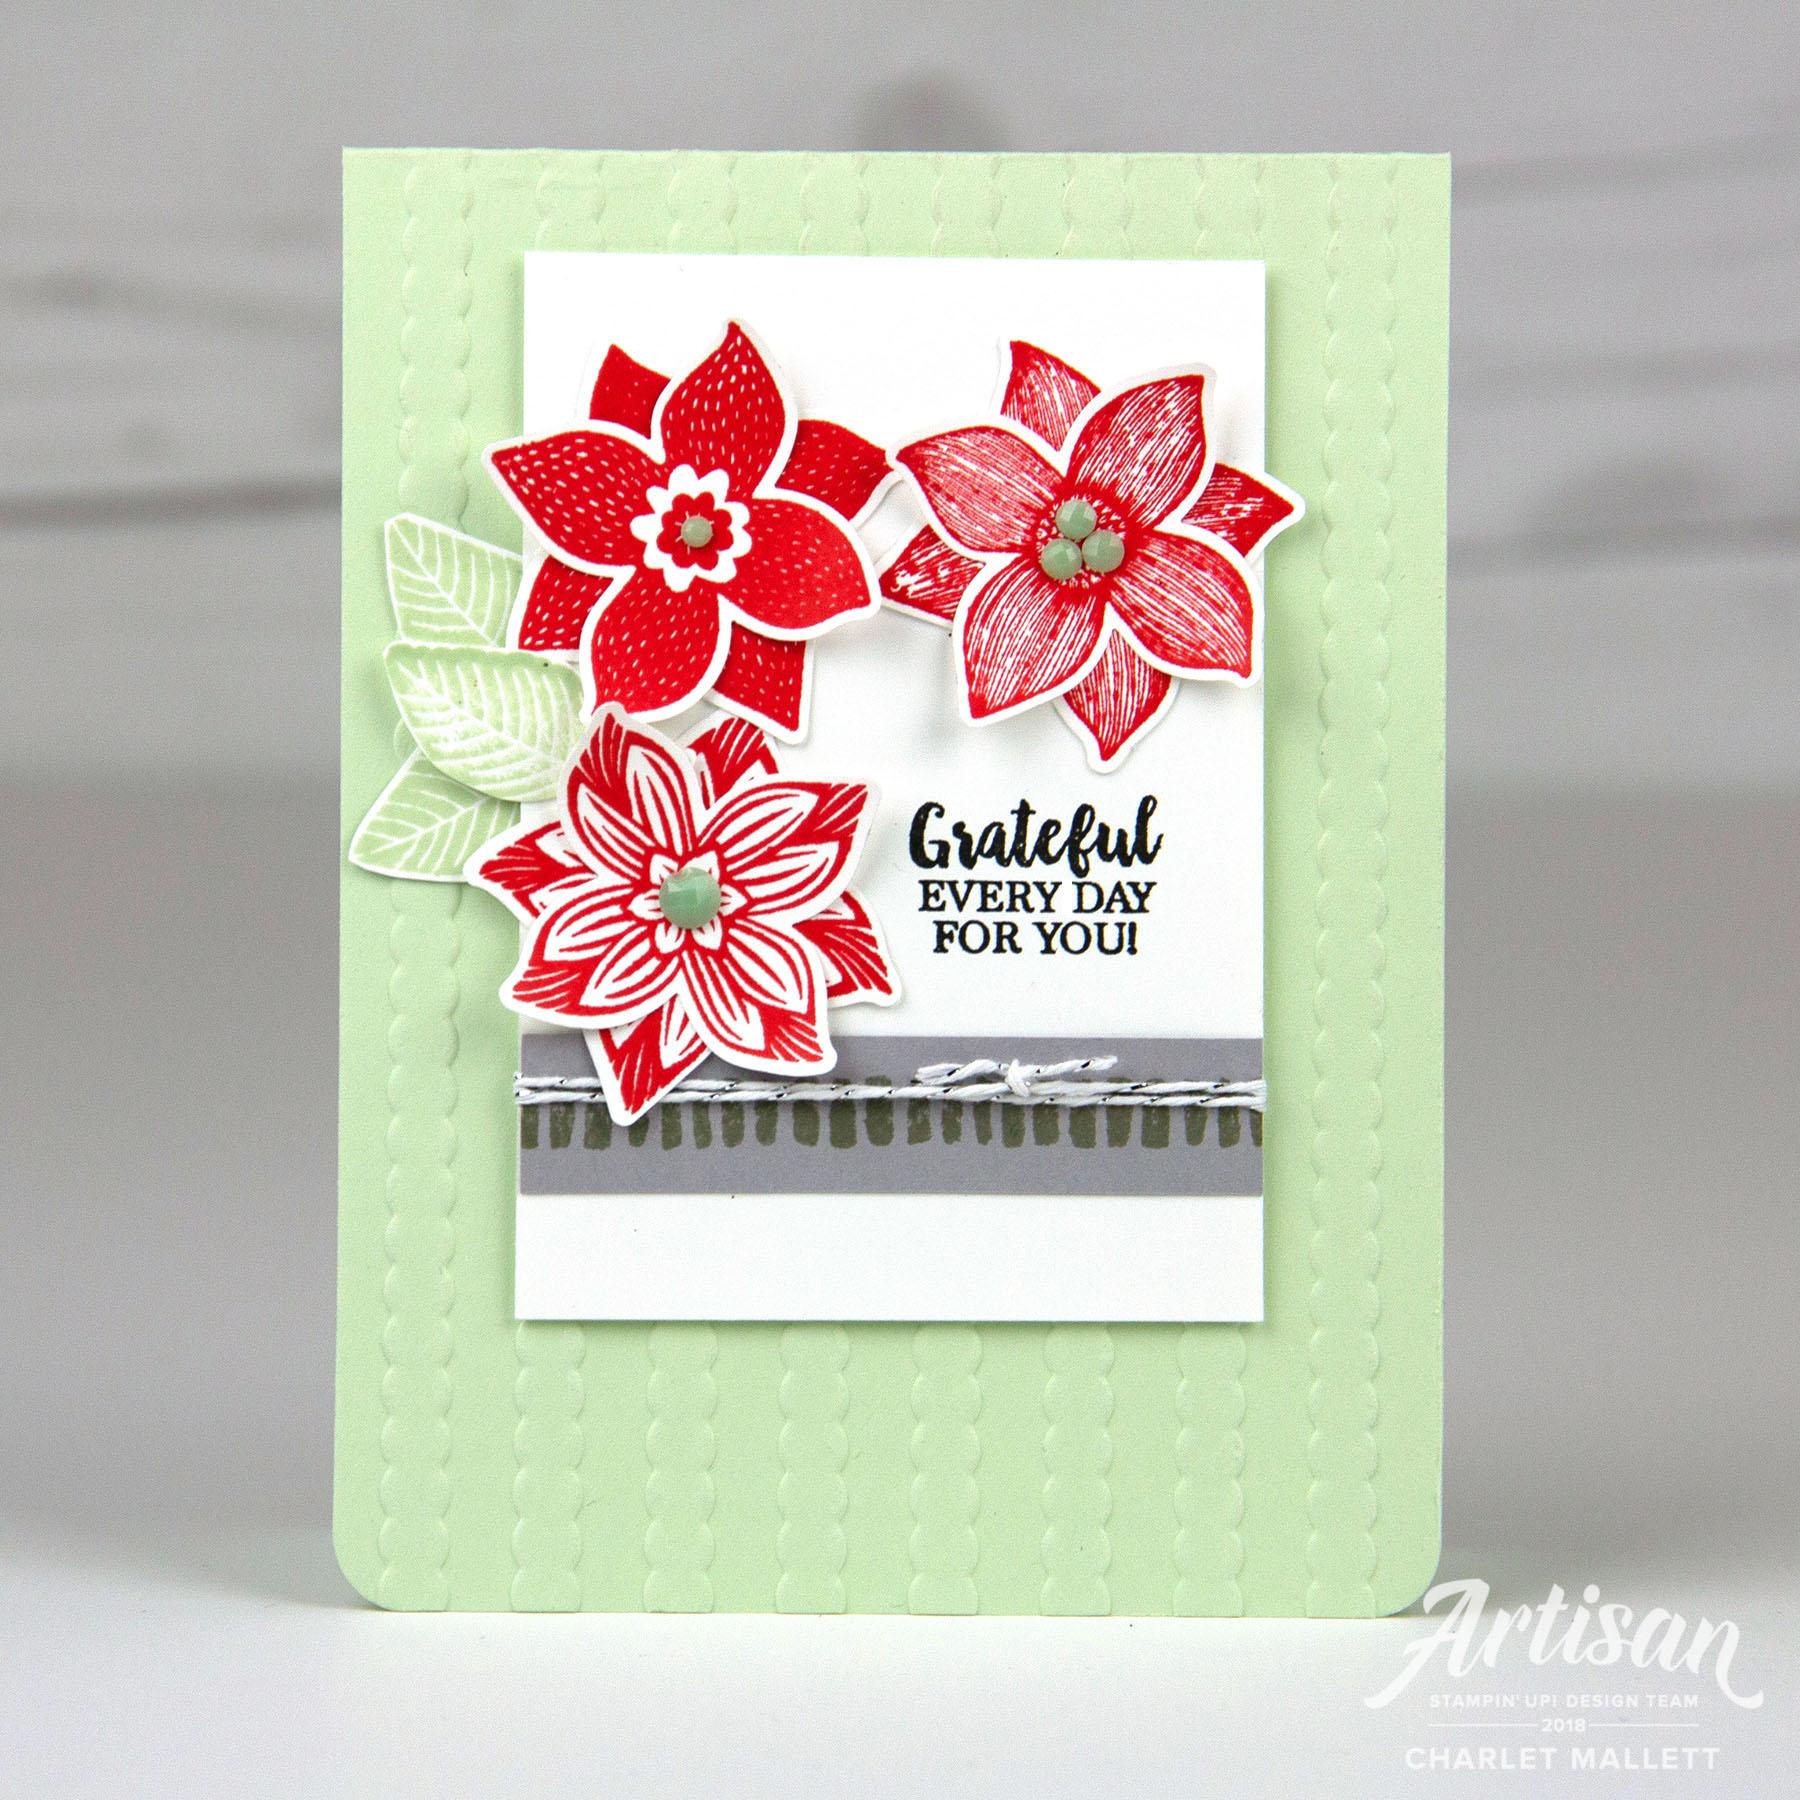 Pop of Petals card - Charlet Mallett, Stampin' Up!